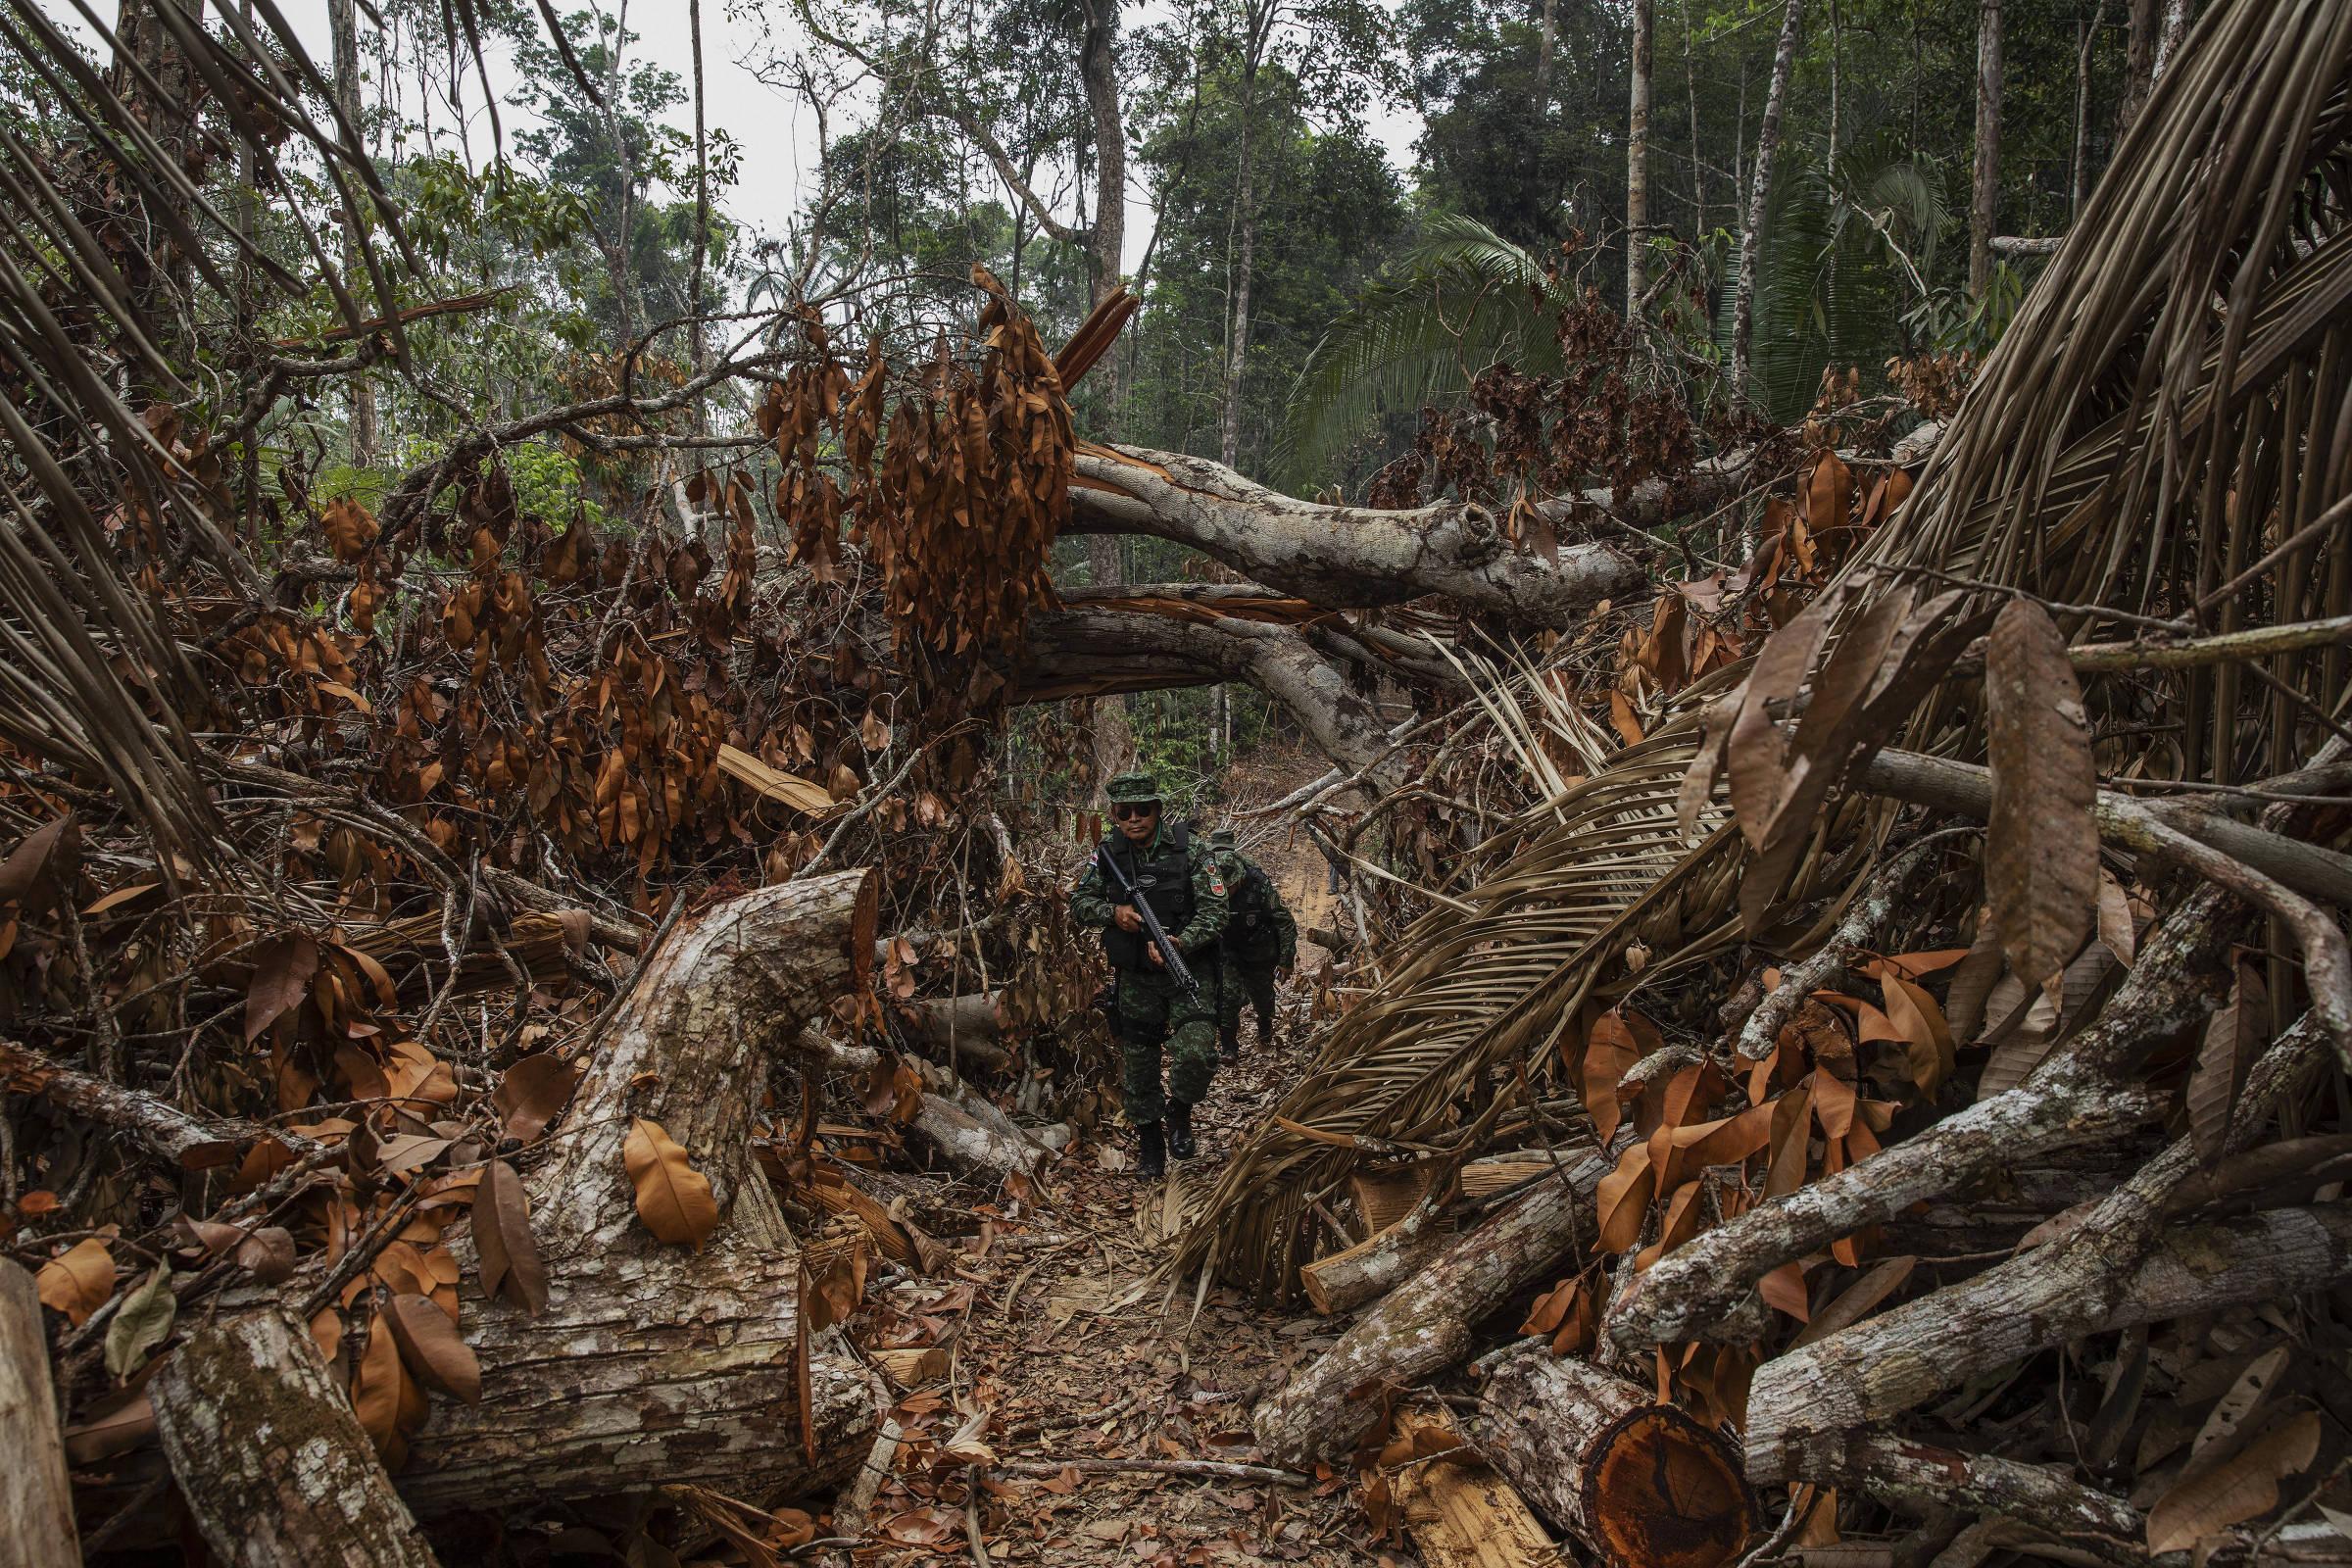 Fiscais do Ipaam (Instituto de Proteção Ambiental do Amazonas), escoltados por policiais militares, vistoriam um desmatamento recente no município de Apuí, no sul do Amazonas